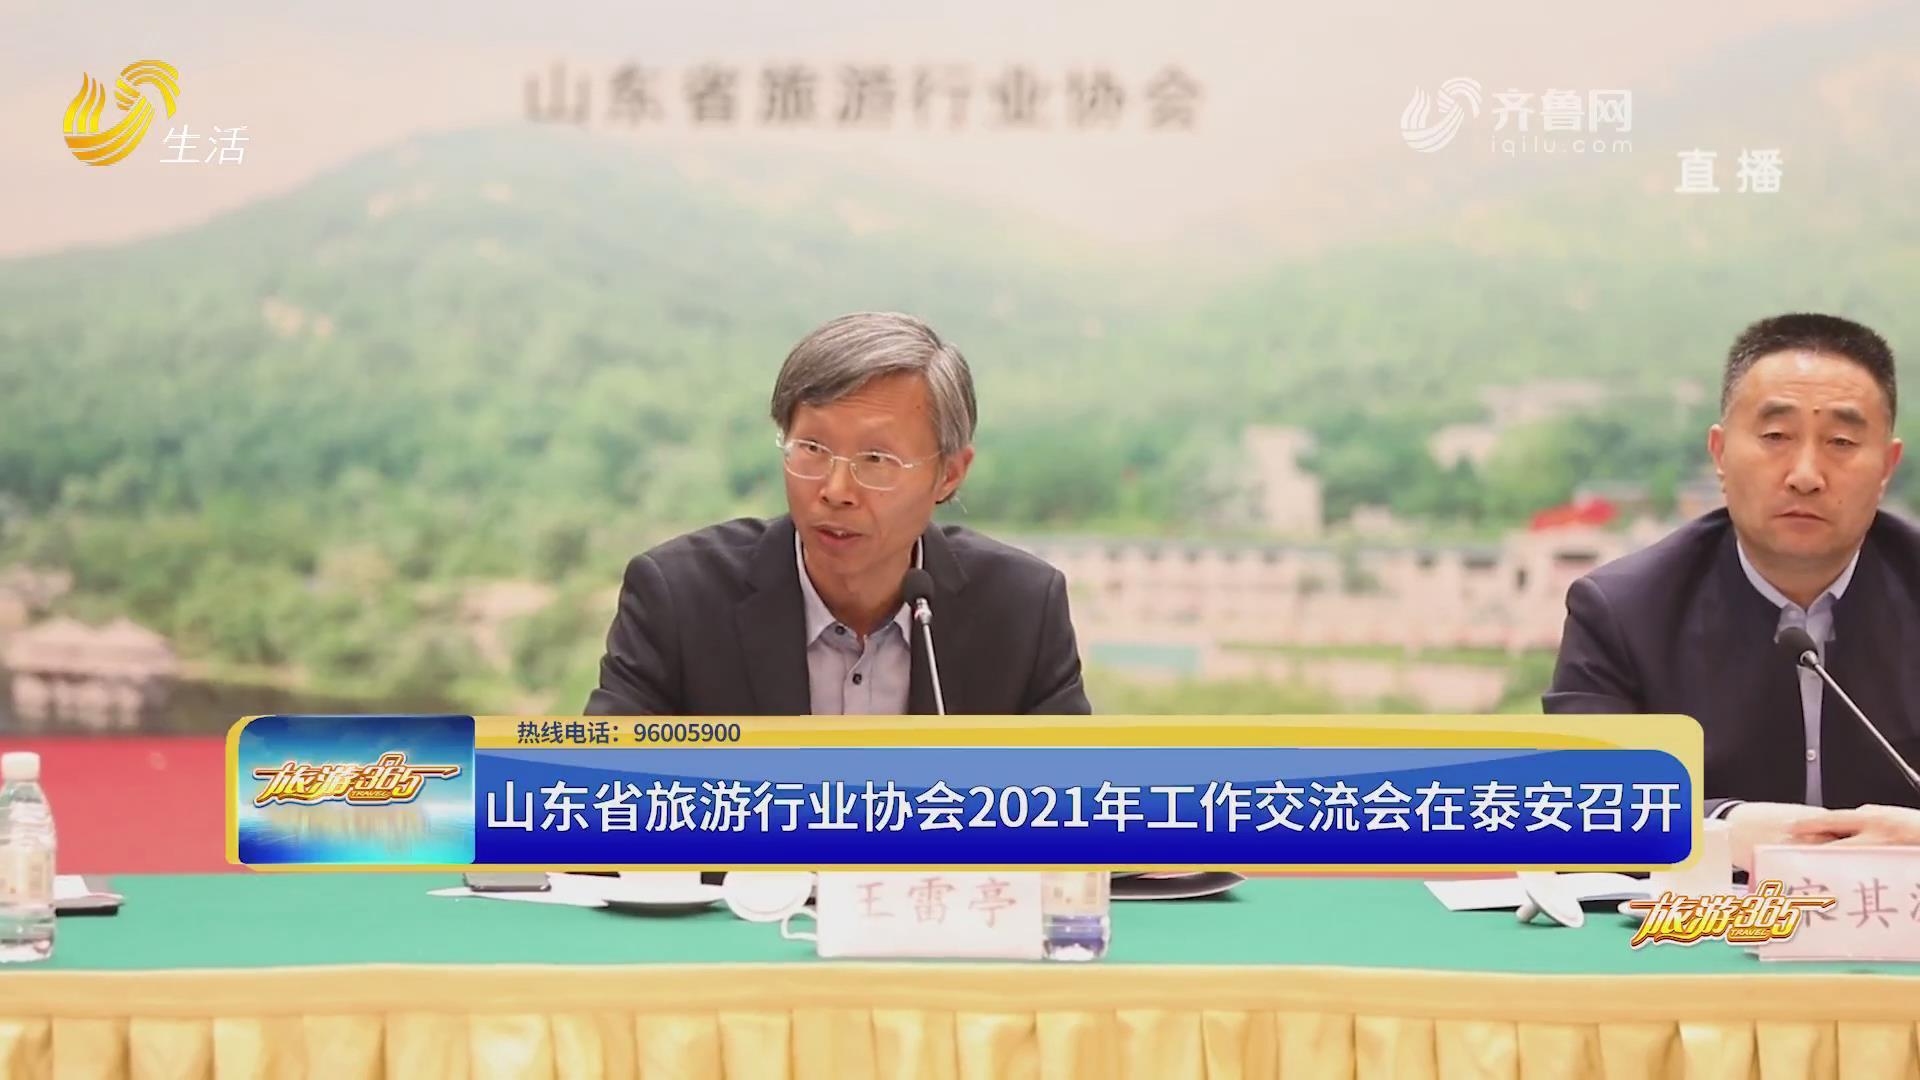 山东省旅游行业协会2021年工作交流会在泰安召开